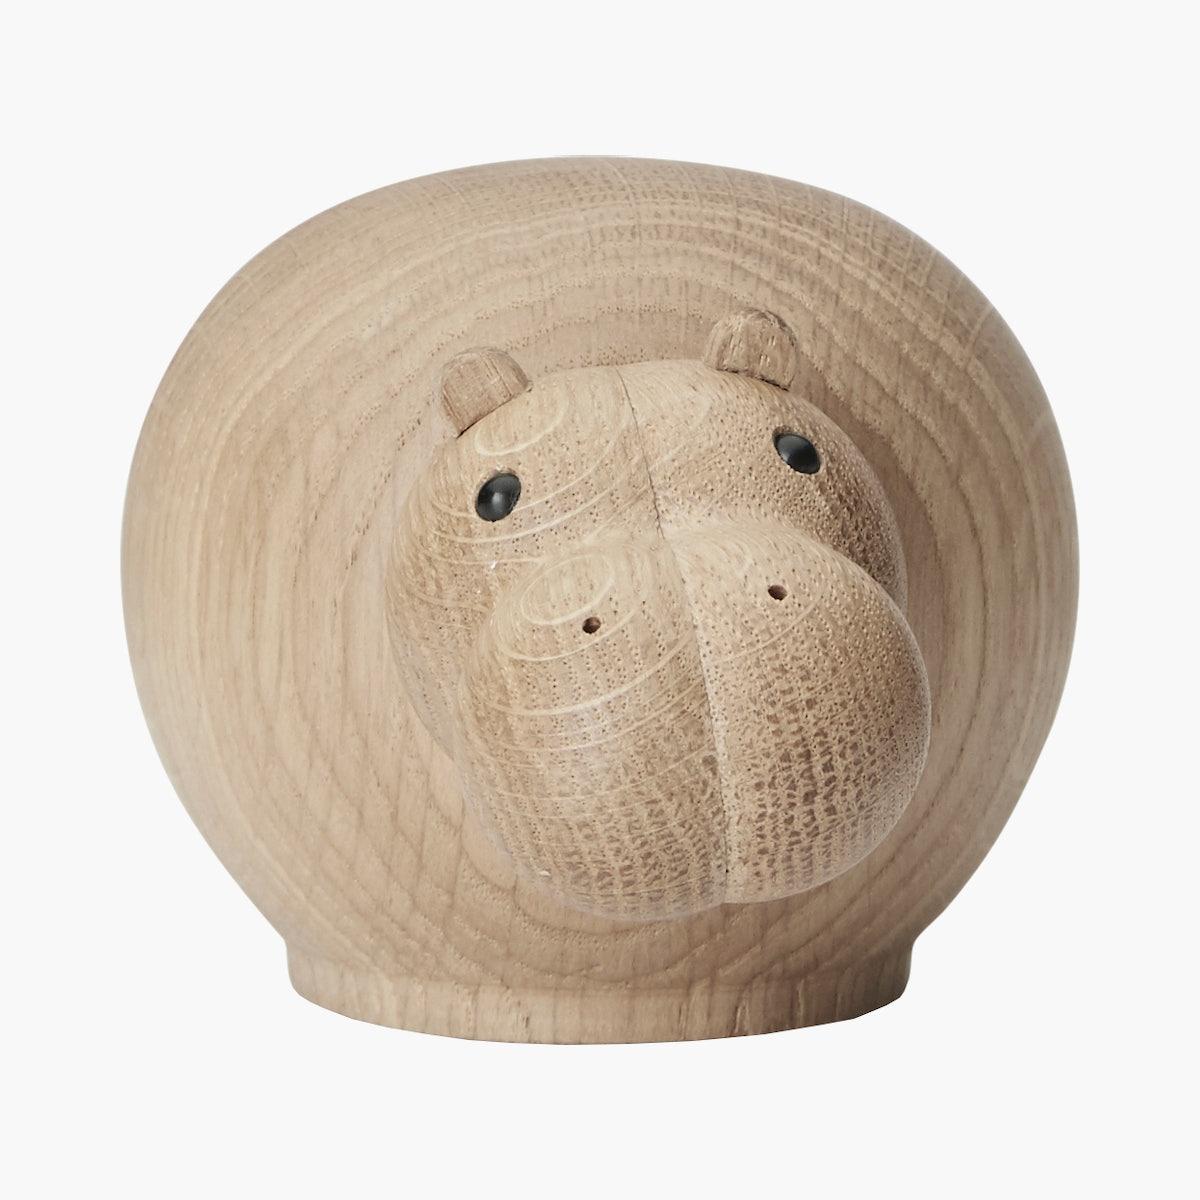 Hibo Hippo Figurine